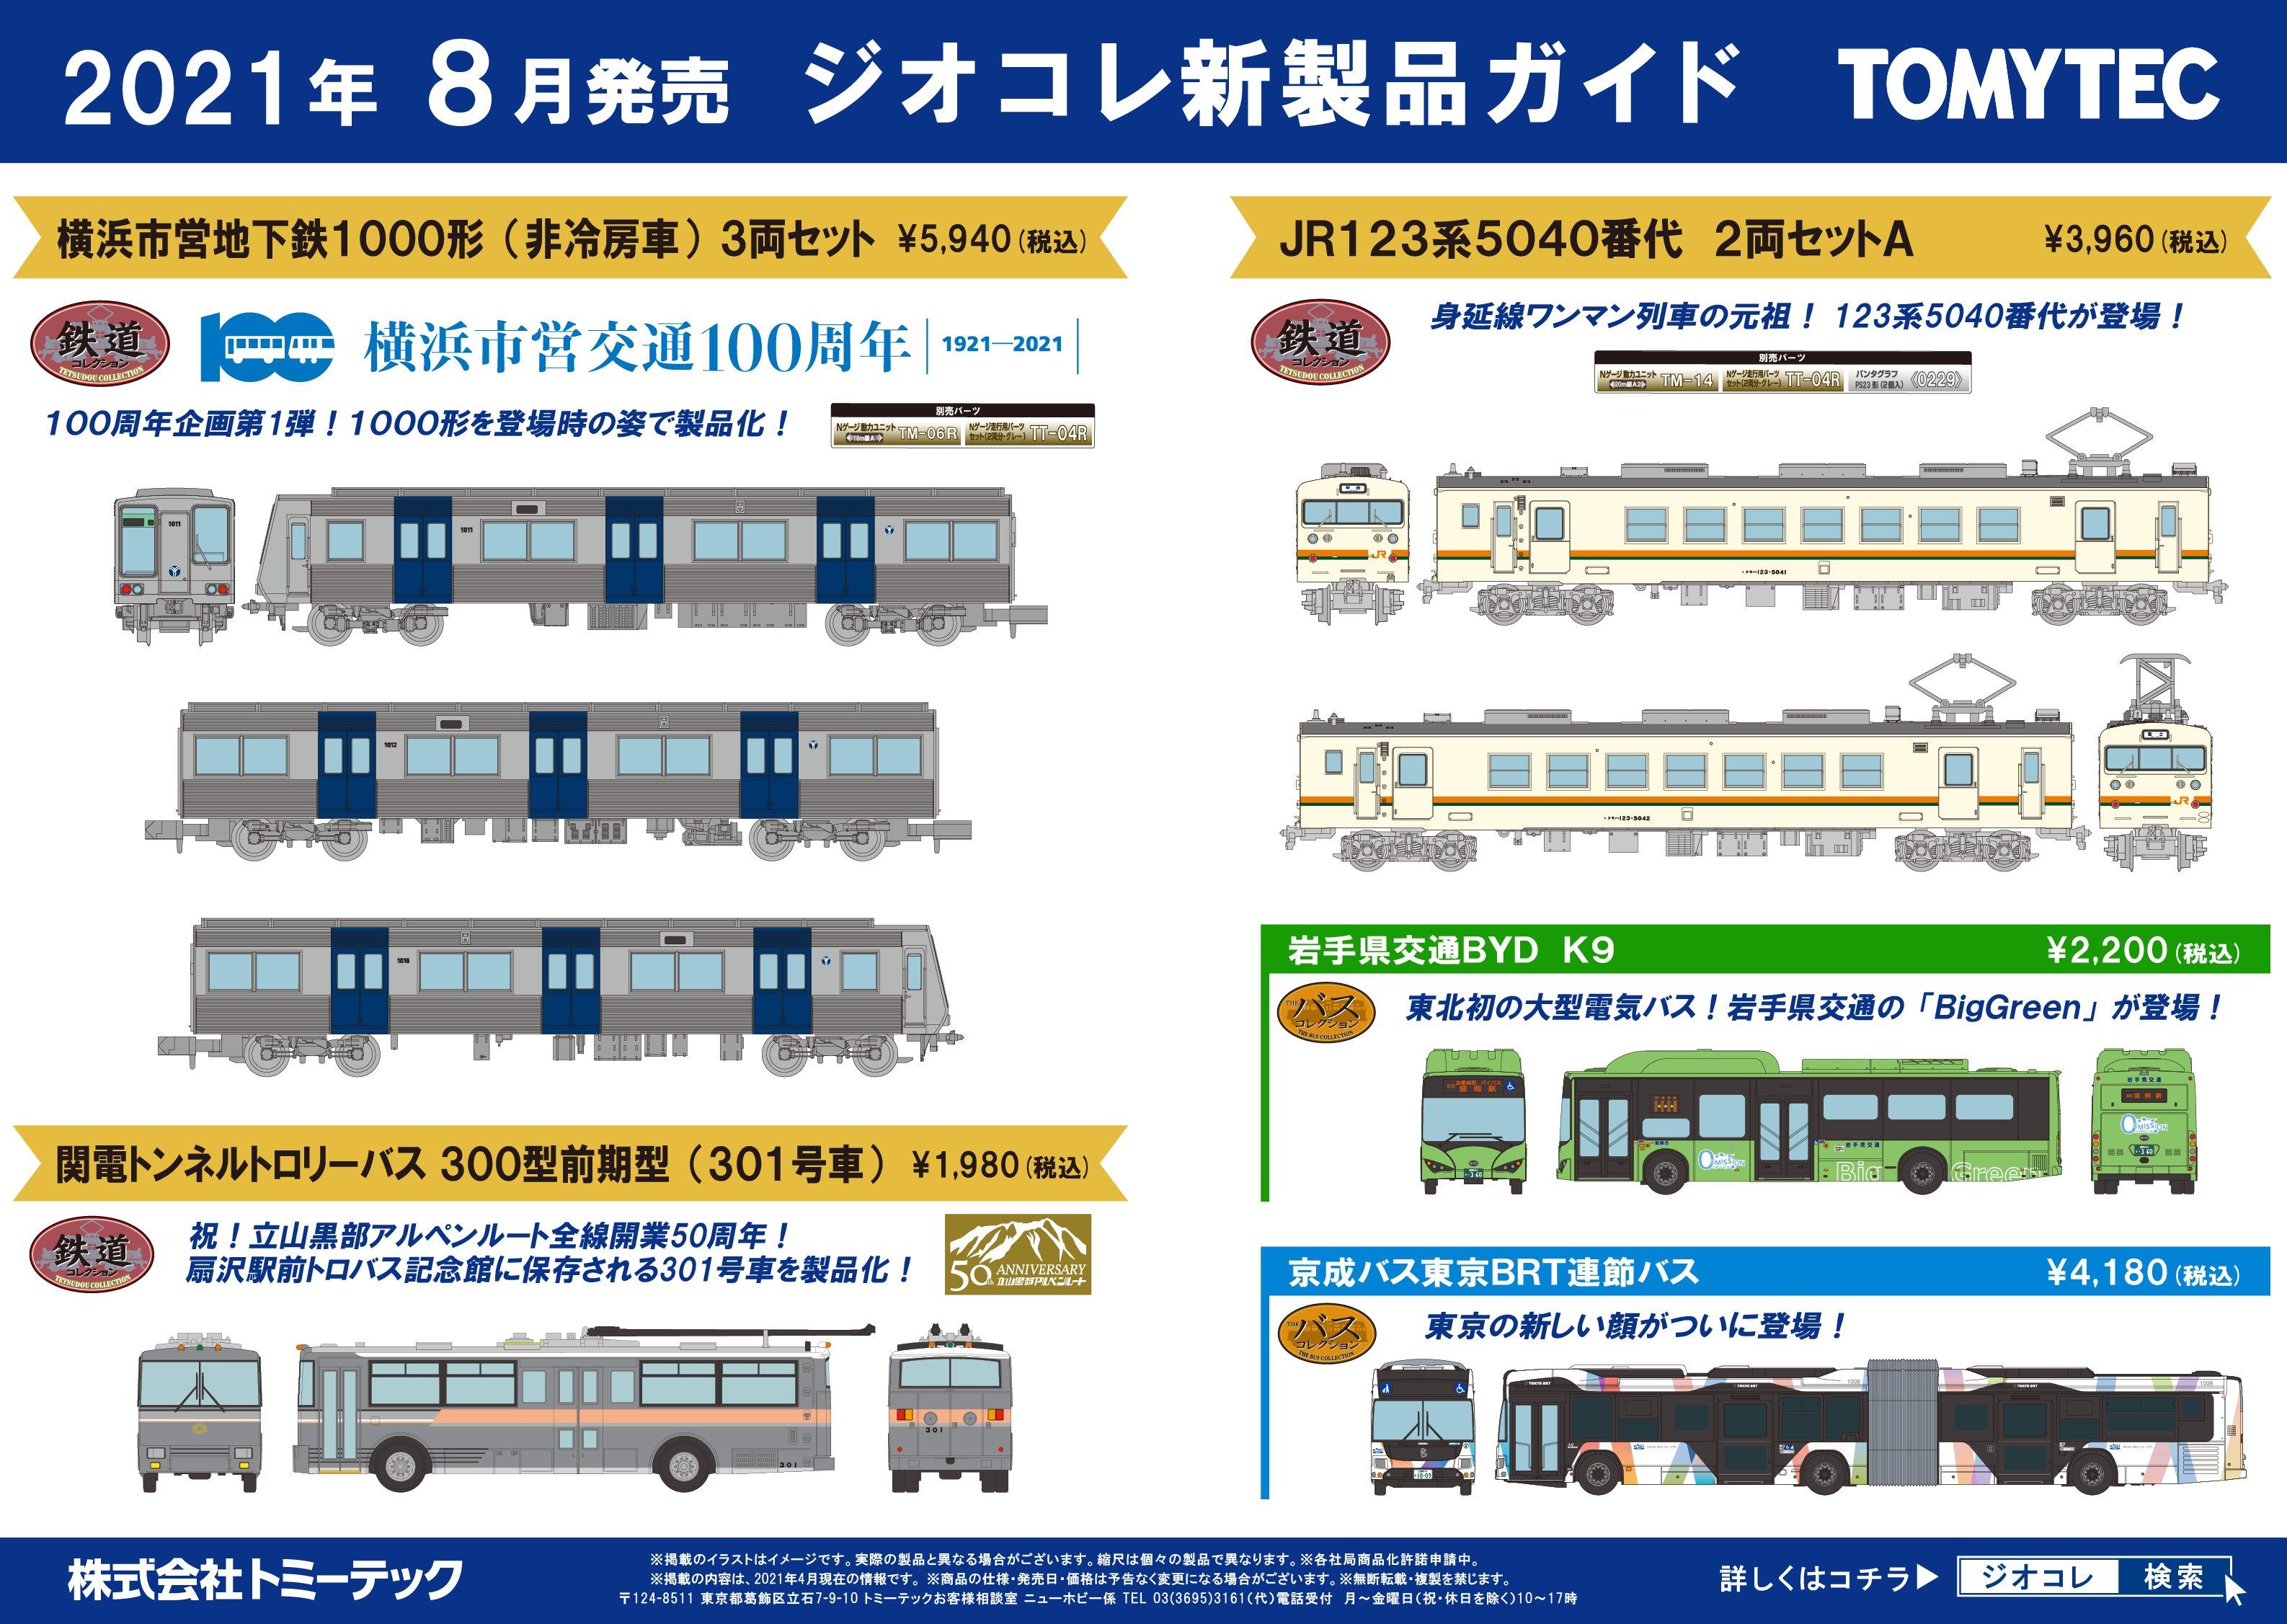 【鉄道コレクション 鉄コレ】2021年8月発売予定 新製品ポスター